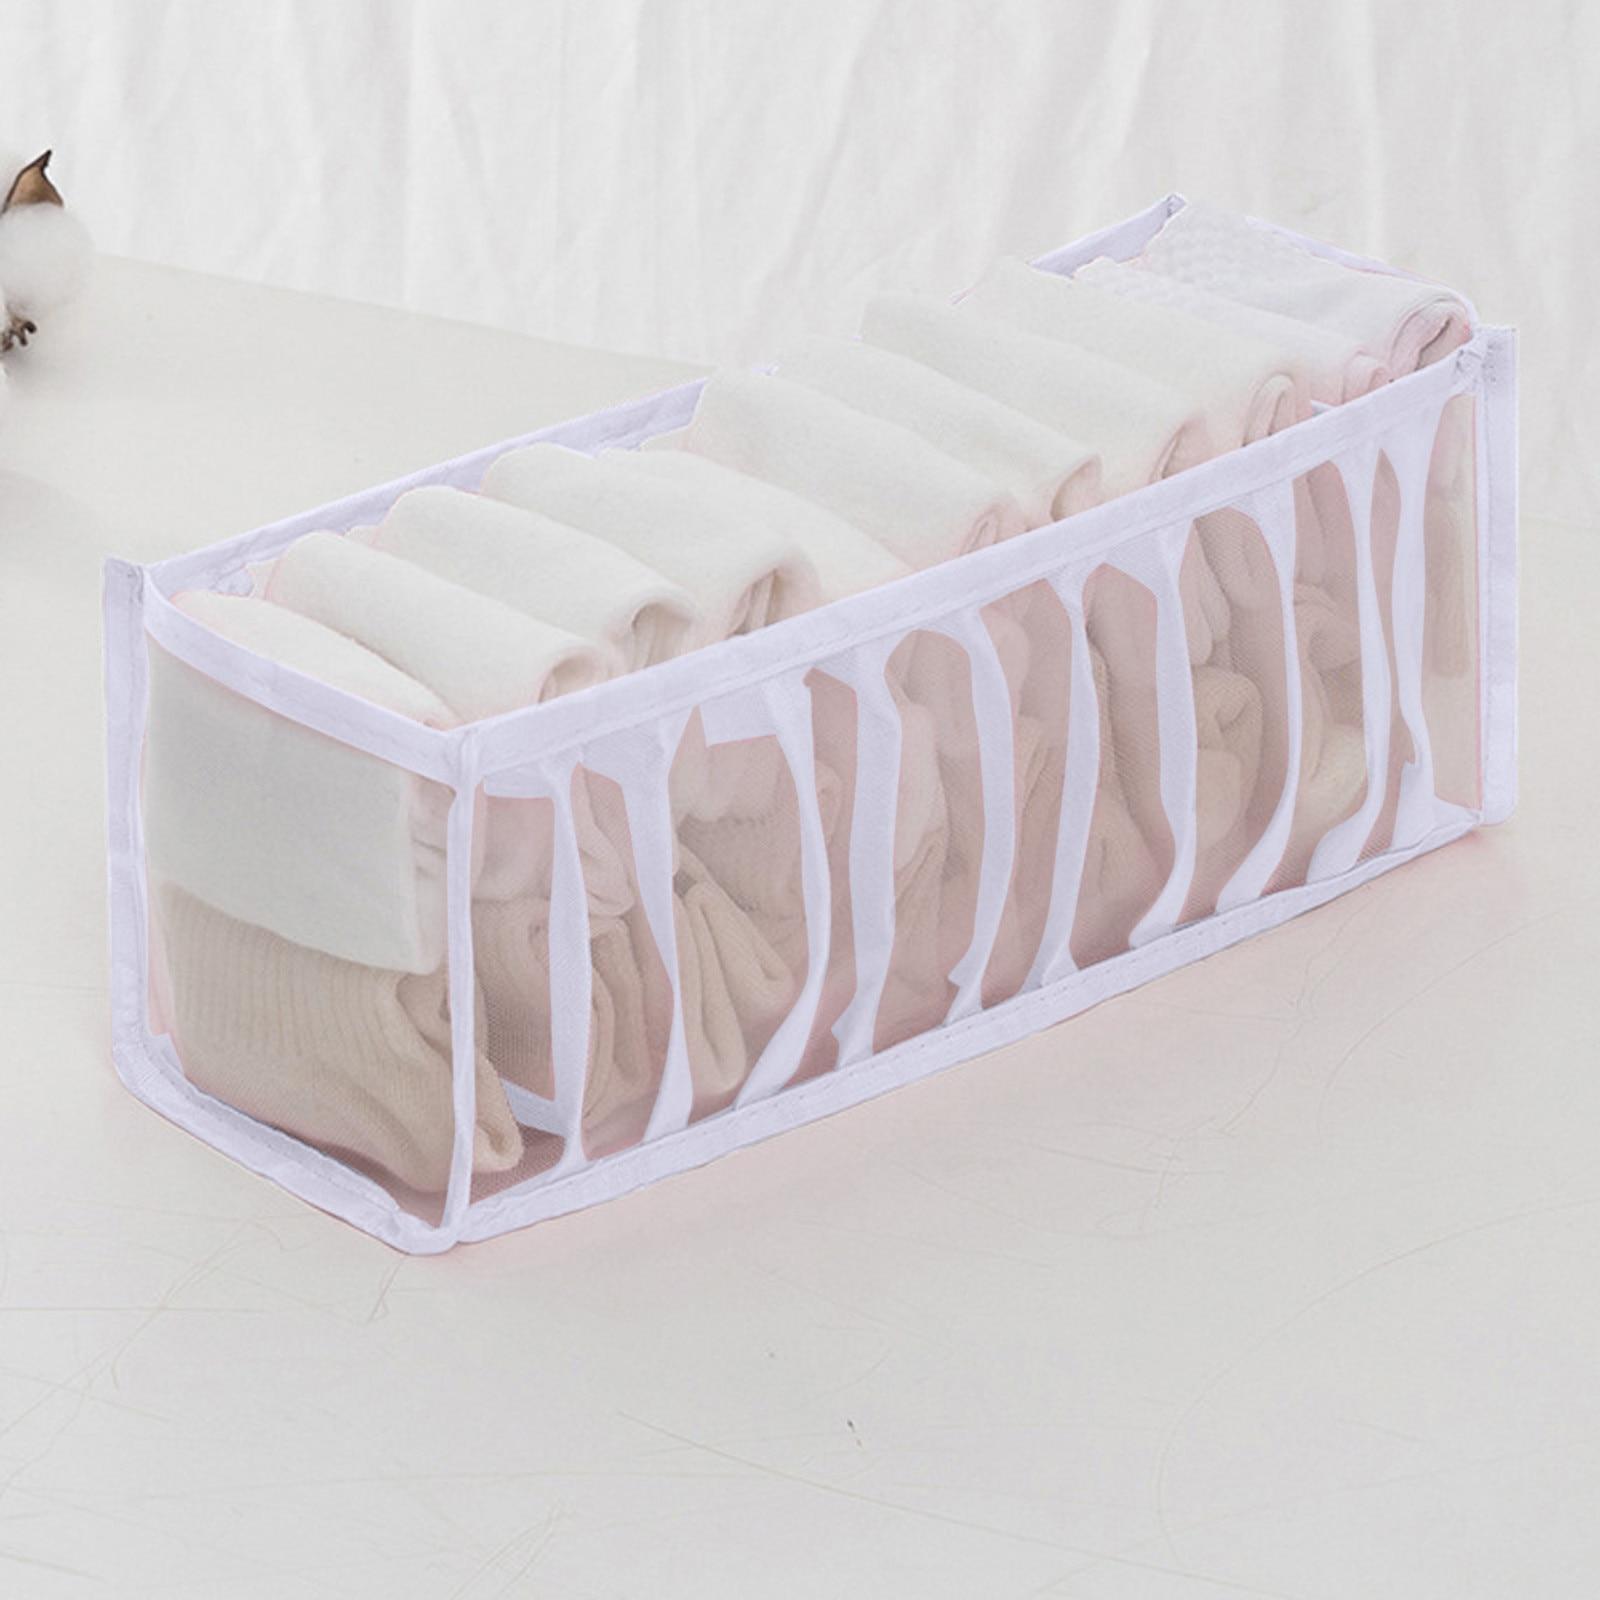 2 pçs 3 cores 11 grades casa dobrável malha underwear caixa de armazenamento meias sutiã e calcinha quarto gaveta treliça arrumada caixa de armazenamento